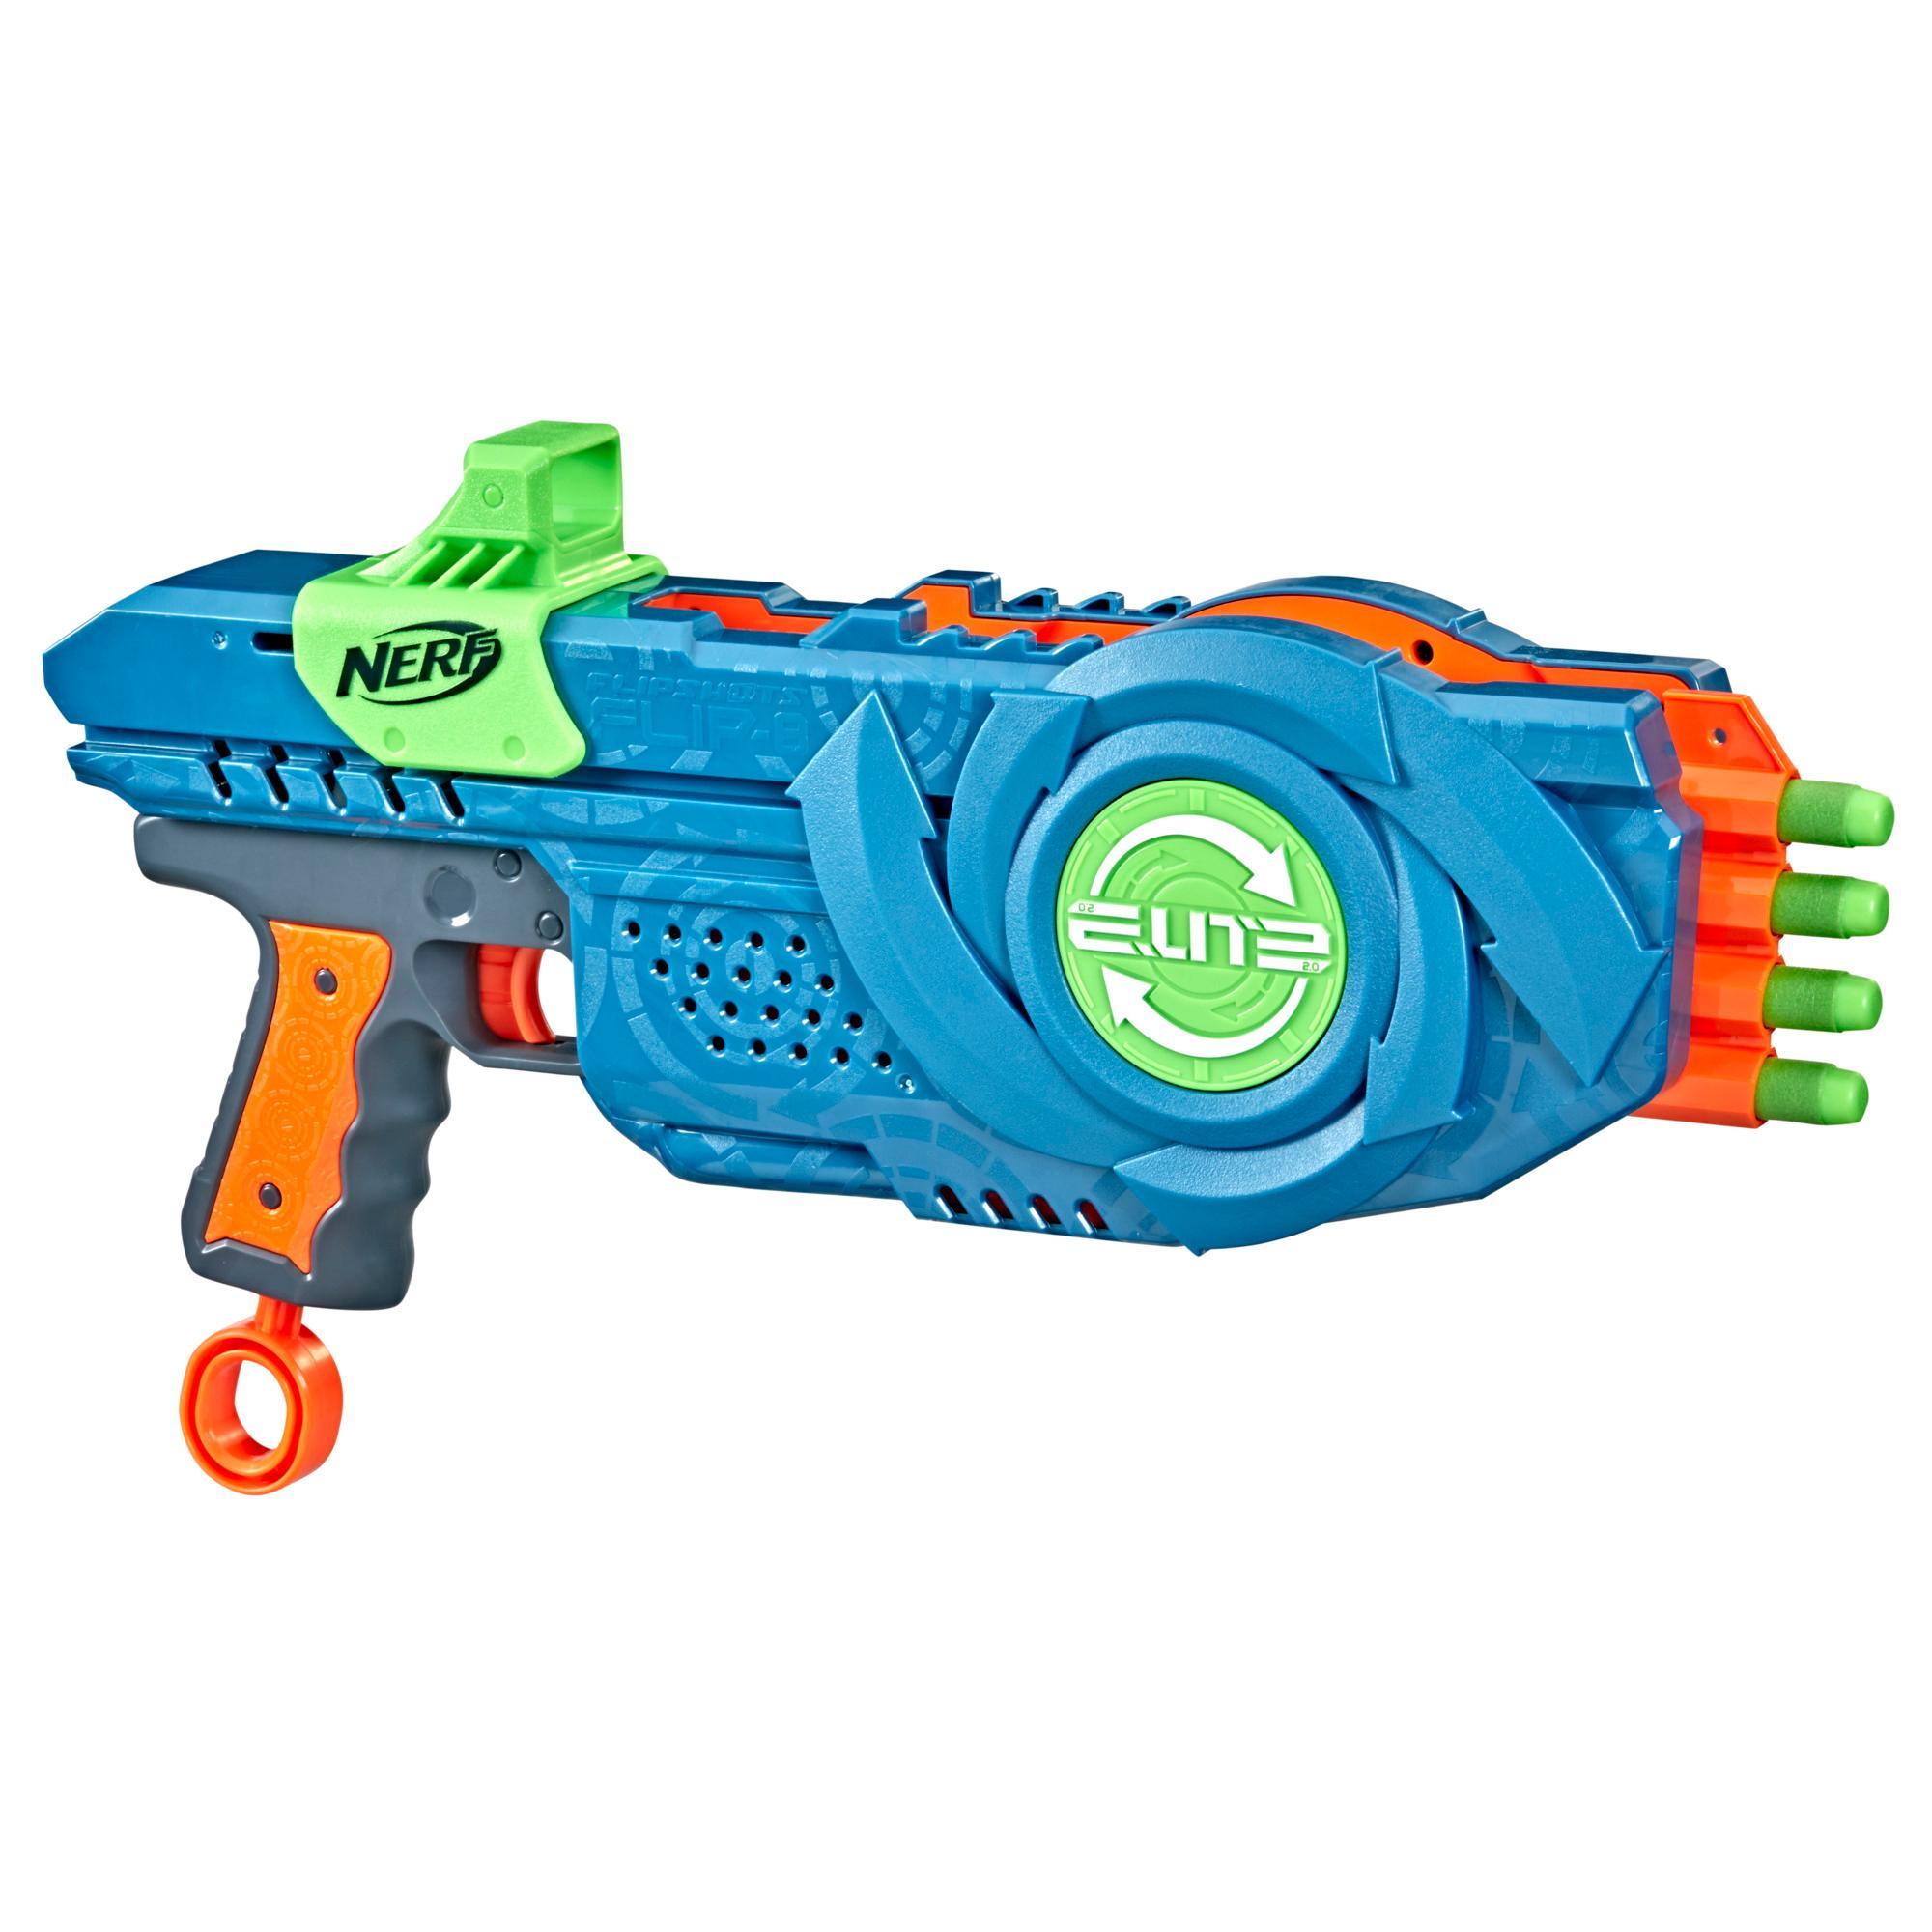 Nerf Elite 2.0, blaster Flipshots Flip-8, 2 fois 4 canons pivotants, capacité de 8 fléchettes, inclut 8 fléchettes Nerf